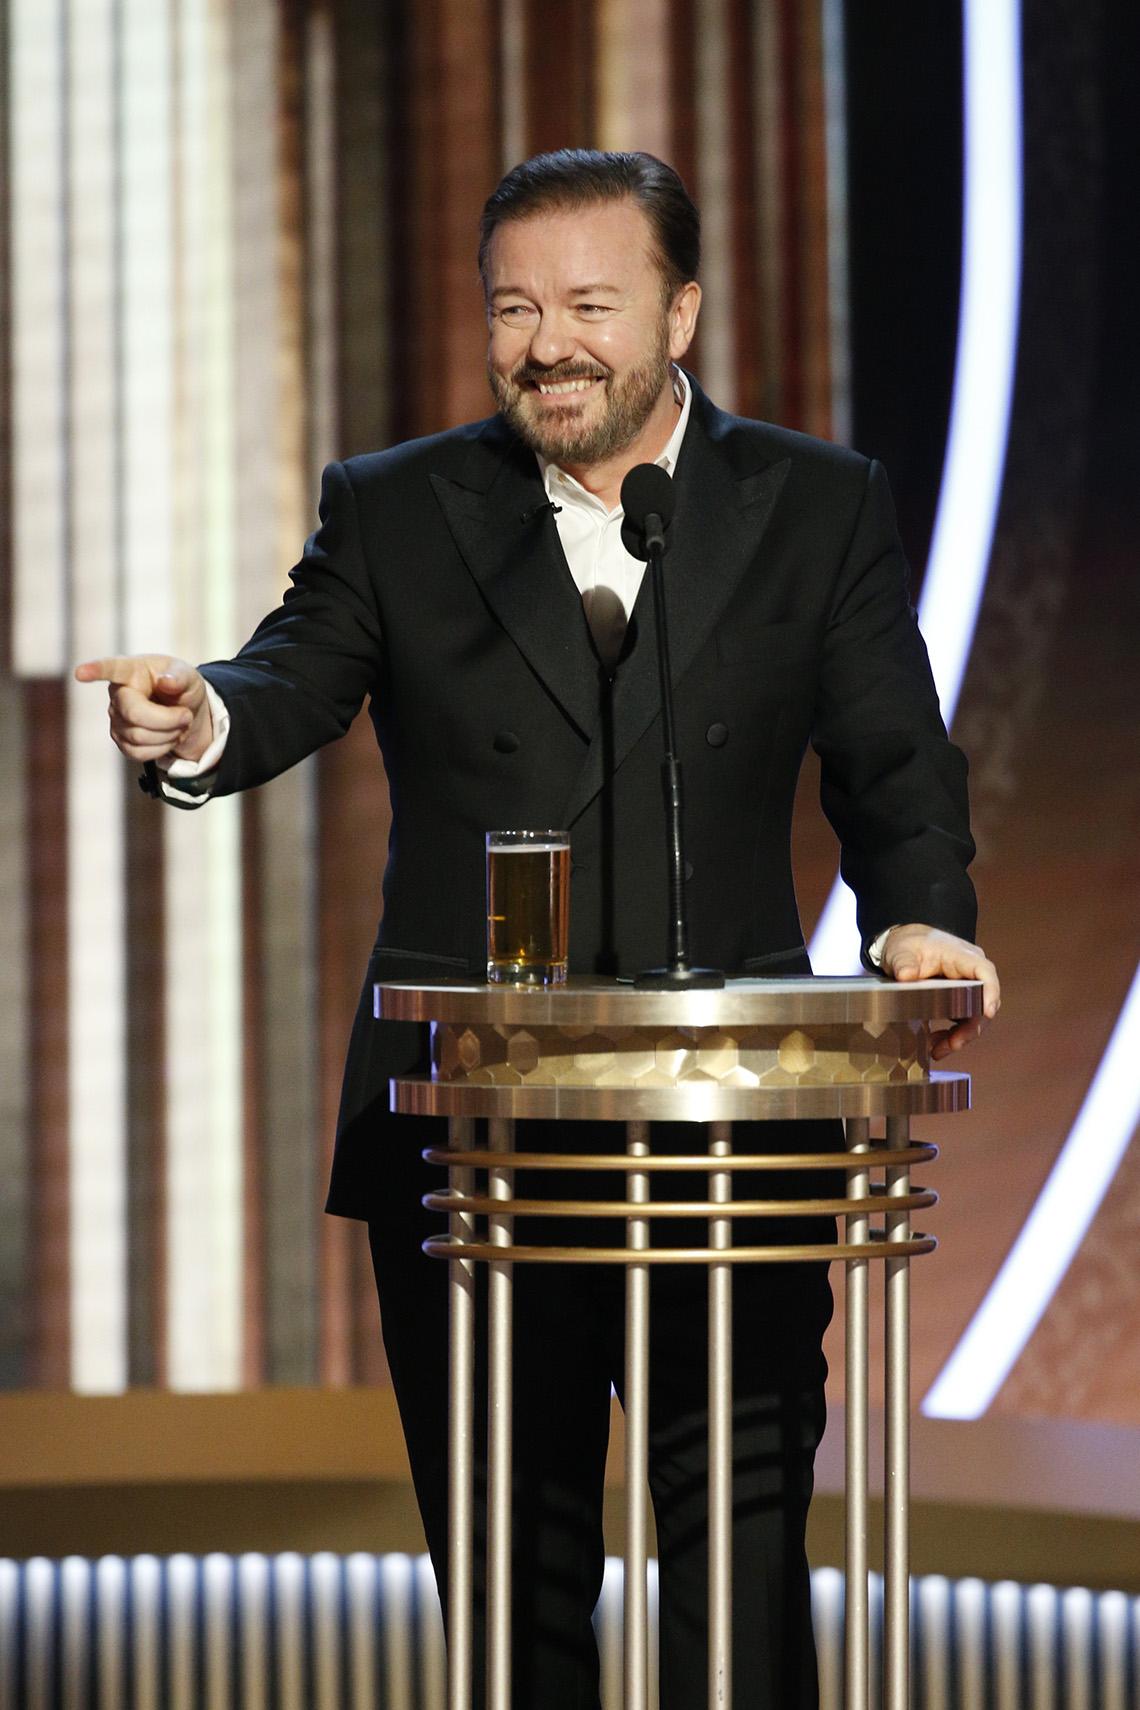 Ricky Gervais fue anfitrión de la 77a Entrega Anual de los Globos de Oro el 5 de enero de 2020 en Beverly Hills, California.